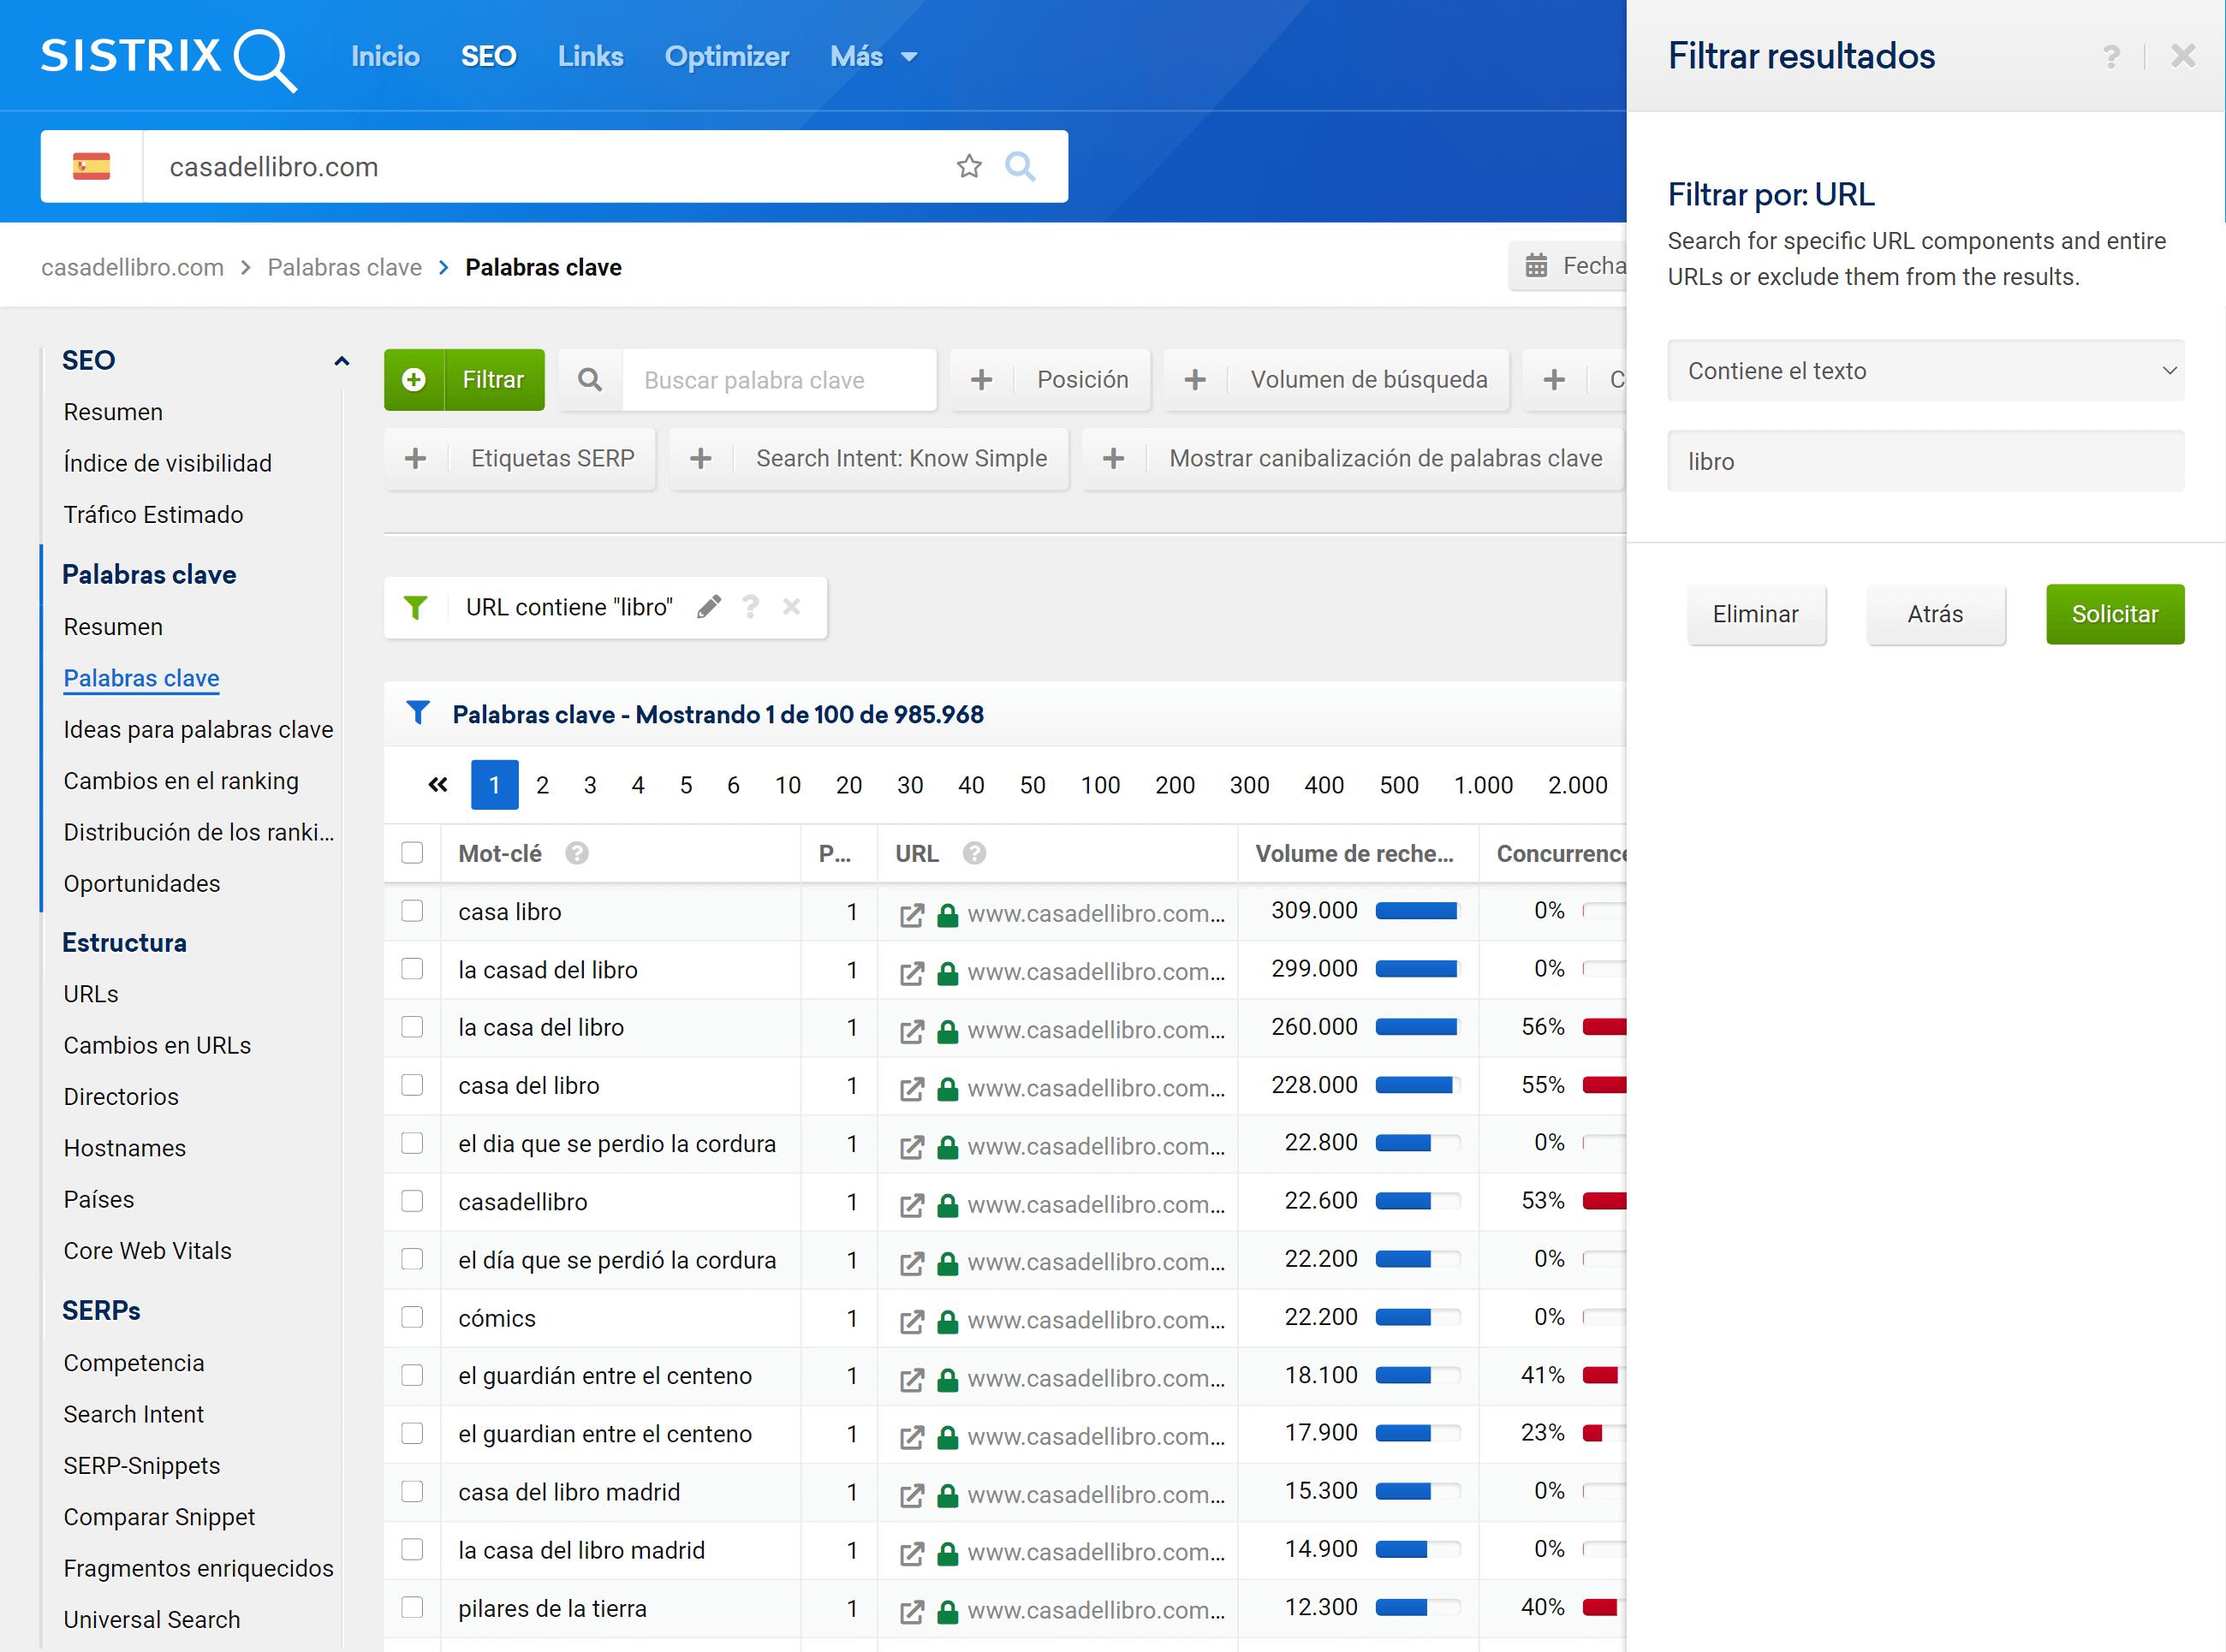 Filtrar resultados por URL